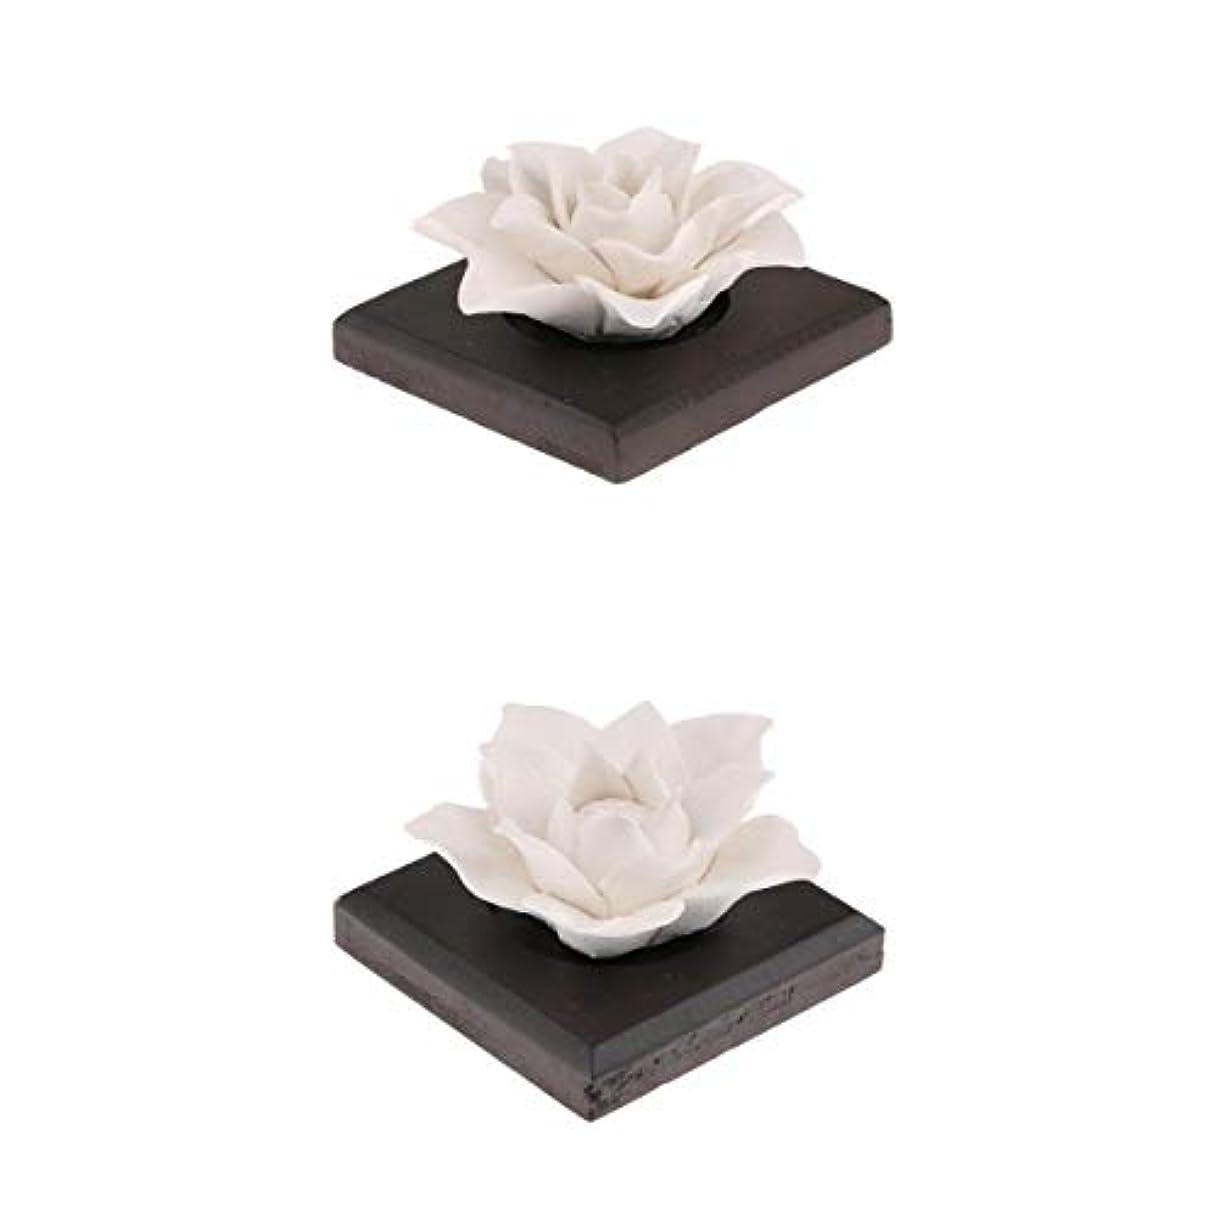 おなじみの肉緊急2つの陶磁器の花の精油の香りのにおいの拡散器の芳香剤の装飾を置きなさい